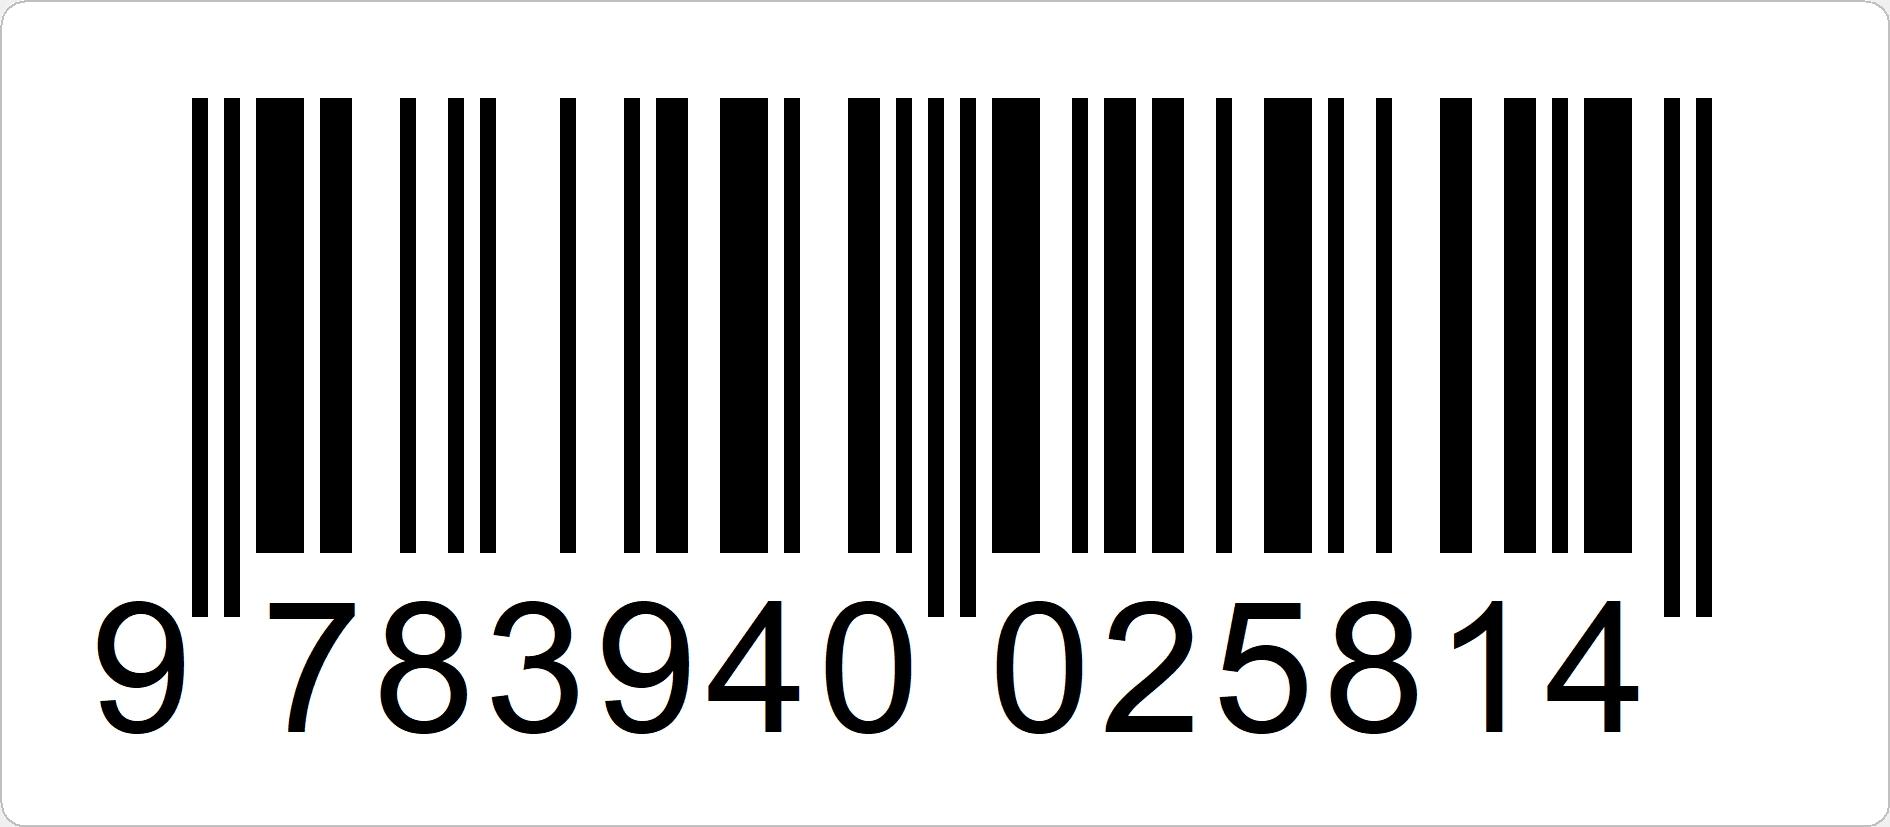 GTIN, EAN-13 und EAN-8 für die Produktkennzeichnung